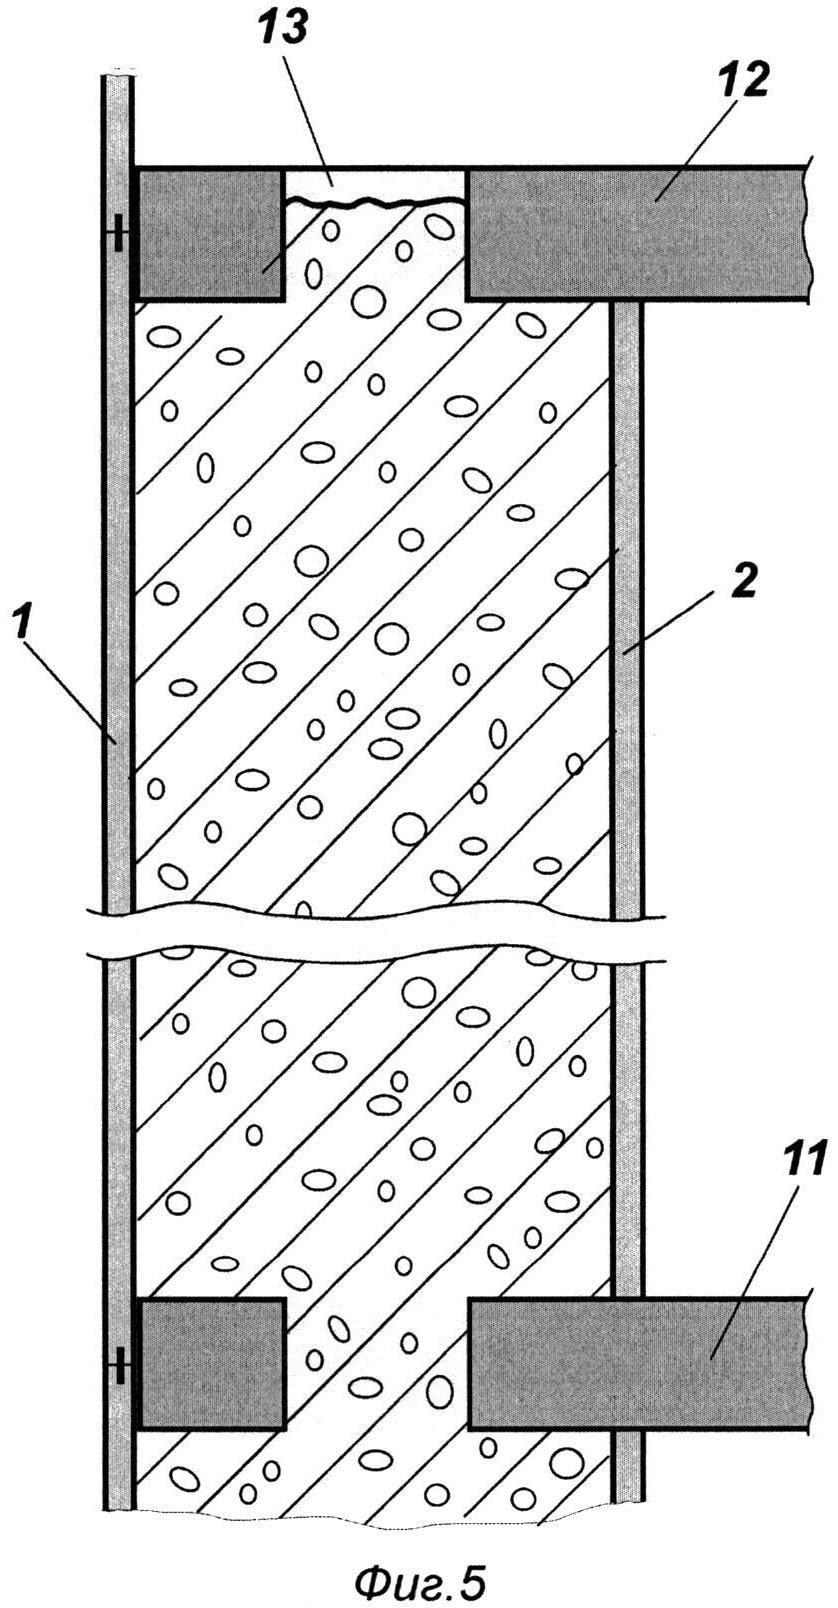 Комплект несъемной опалубки, способ ее сборки и способ возведения монолитных стен здания и сооружения в несъемной опалубке из модульных элементов